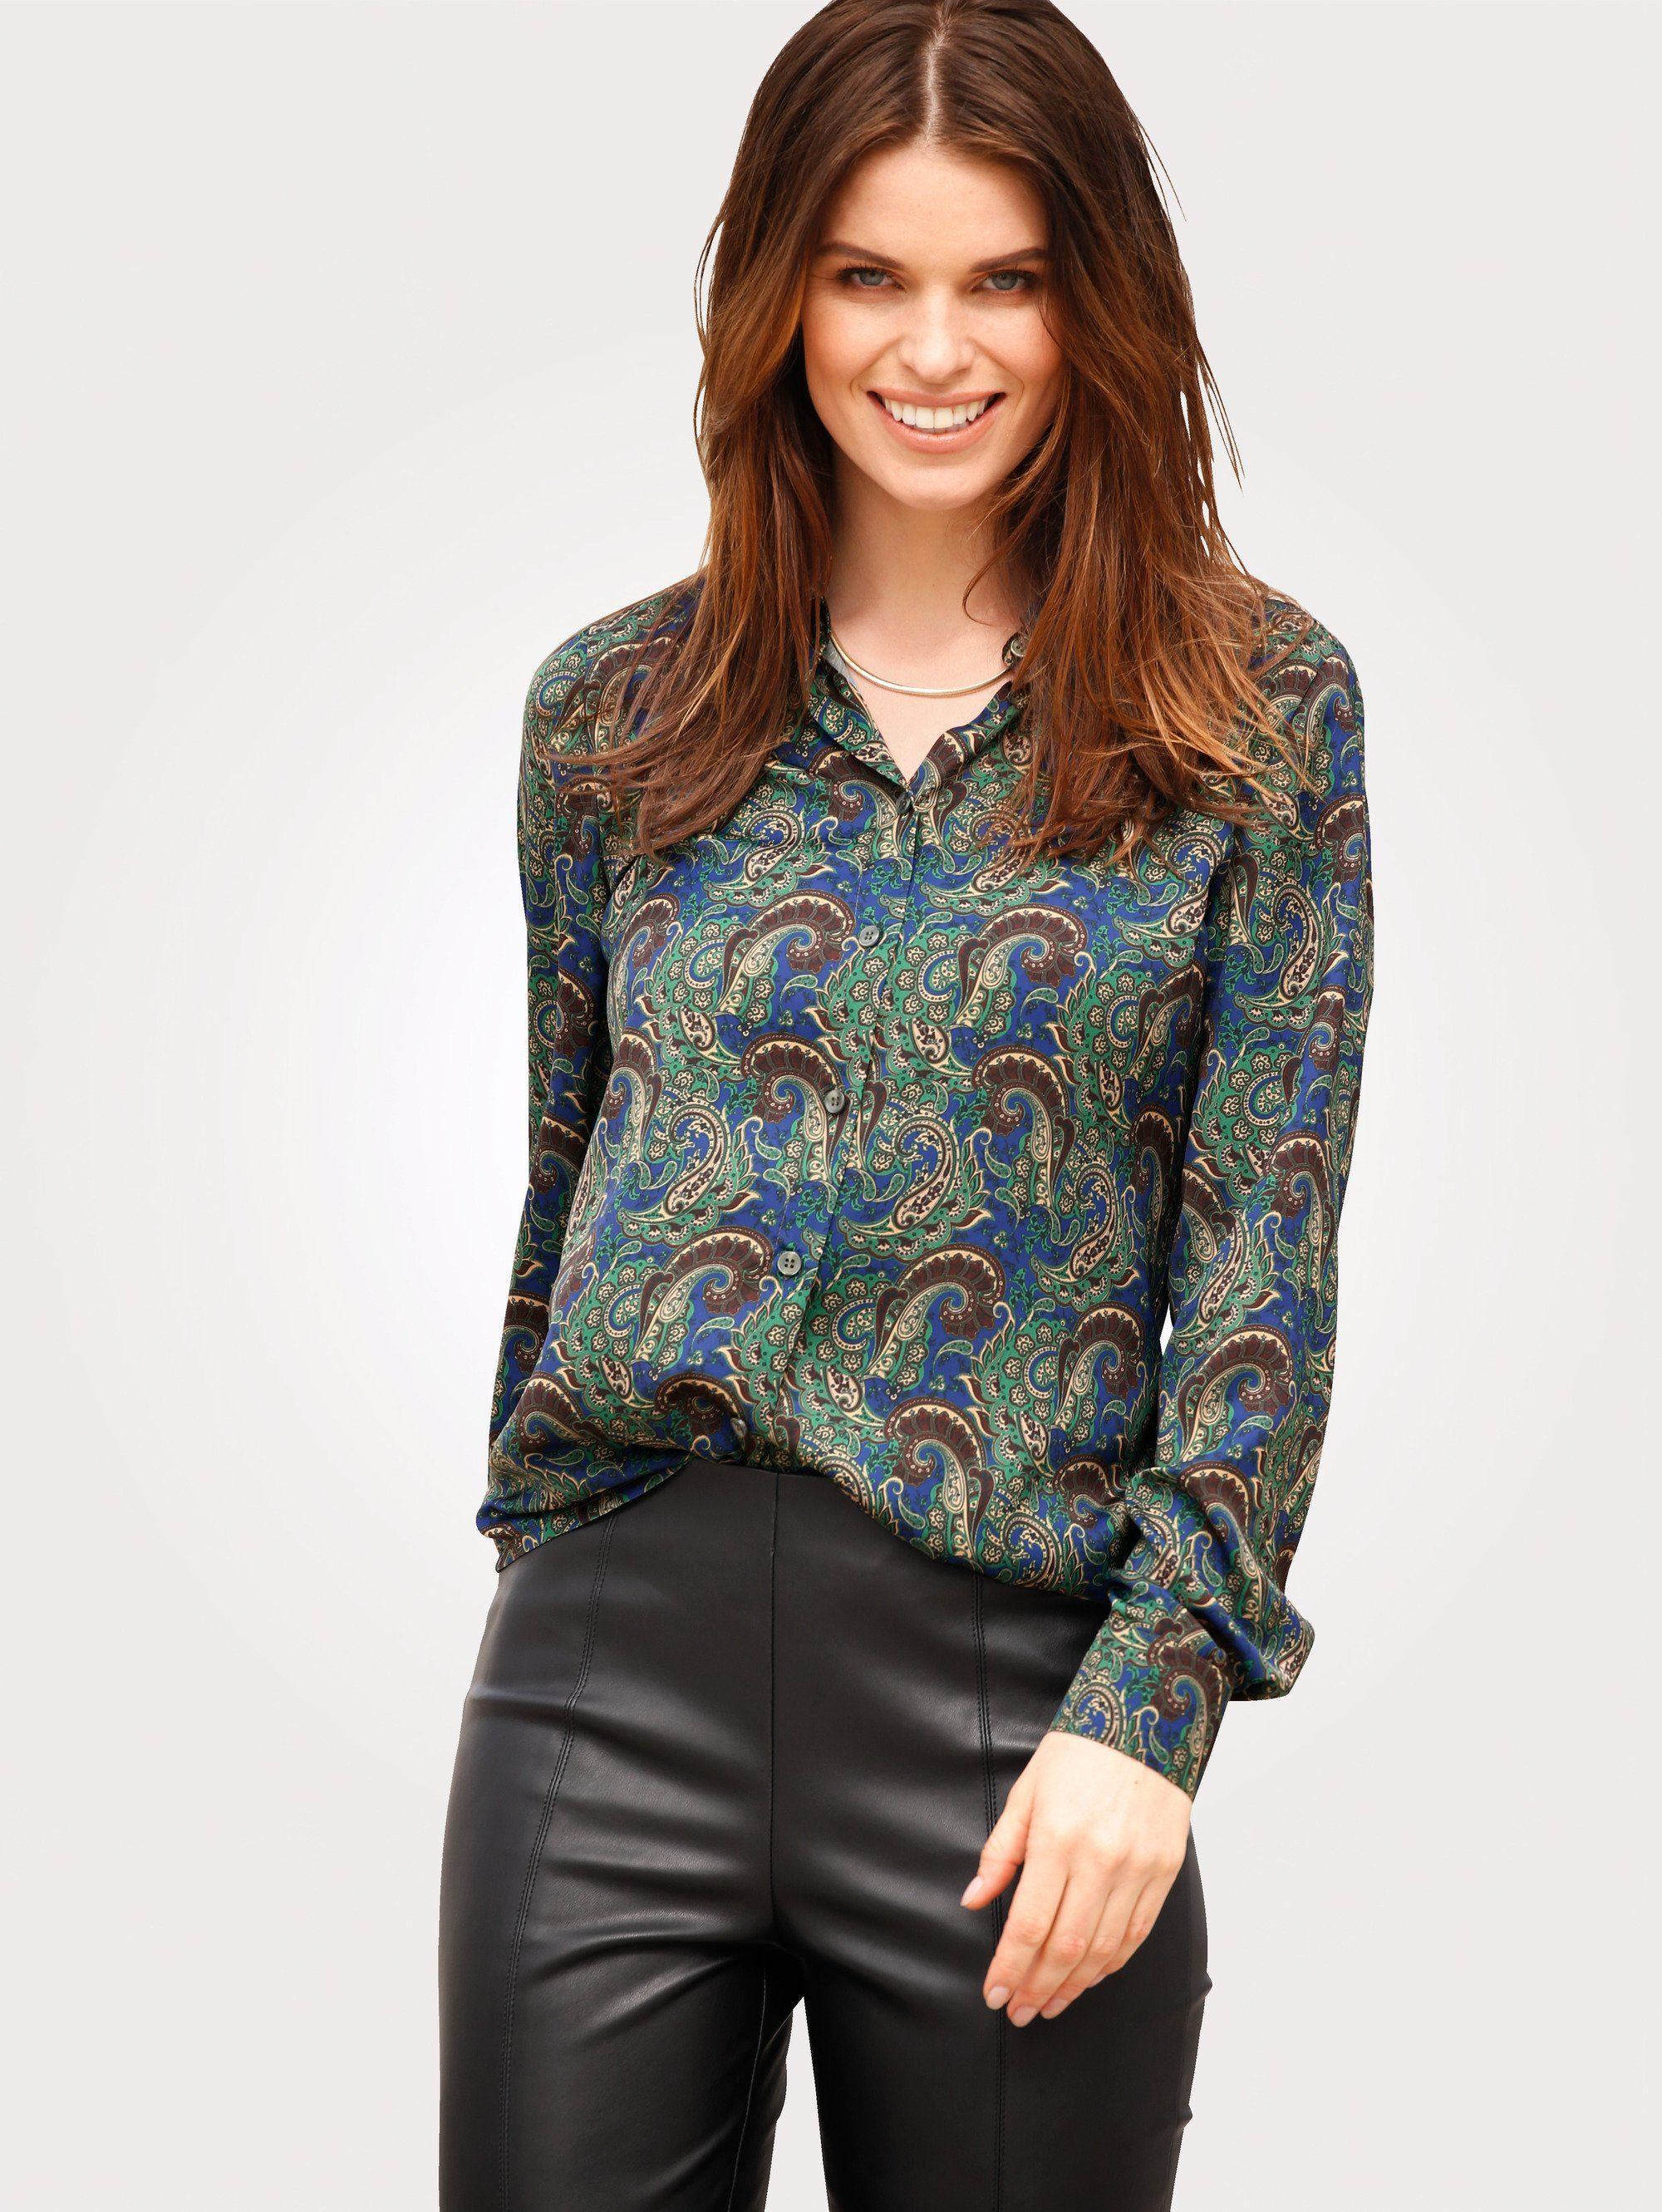 Mona Bluse aus feiner Satin-Qualität